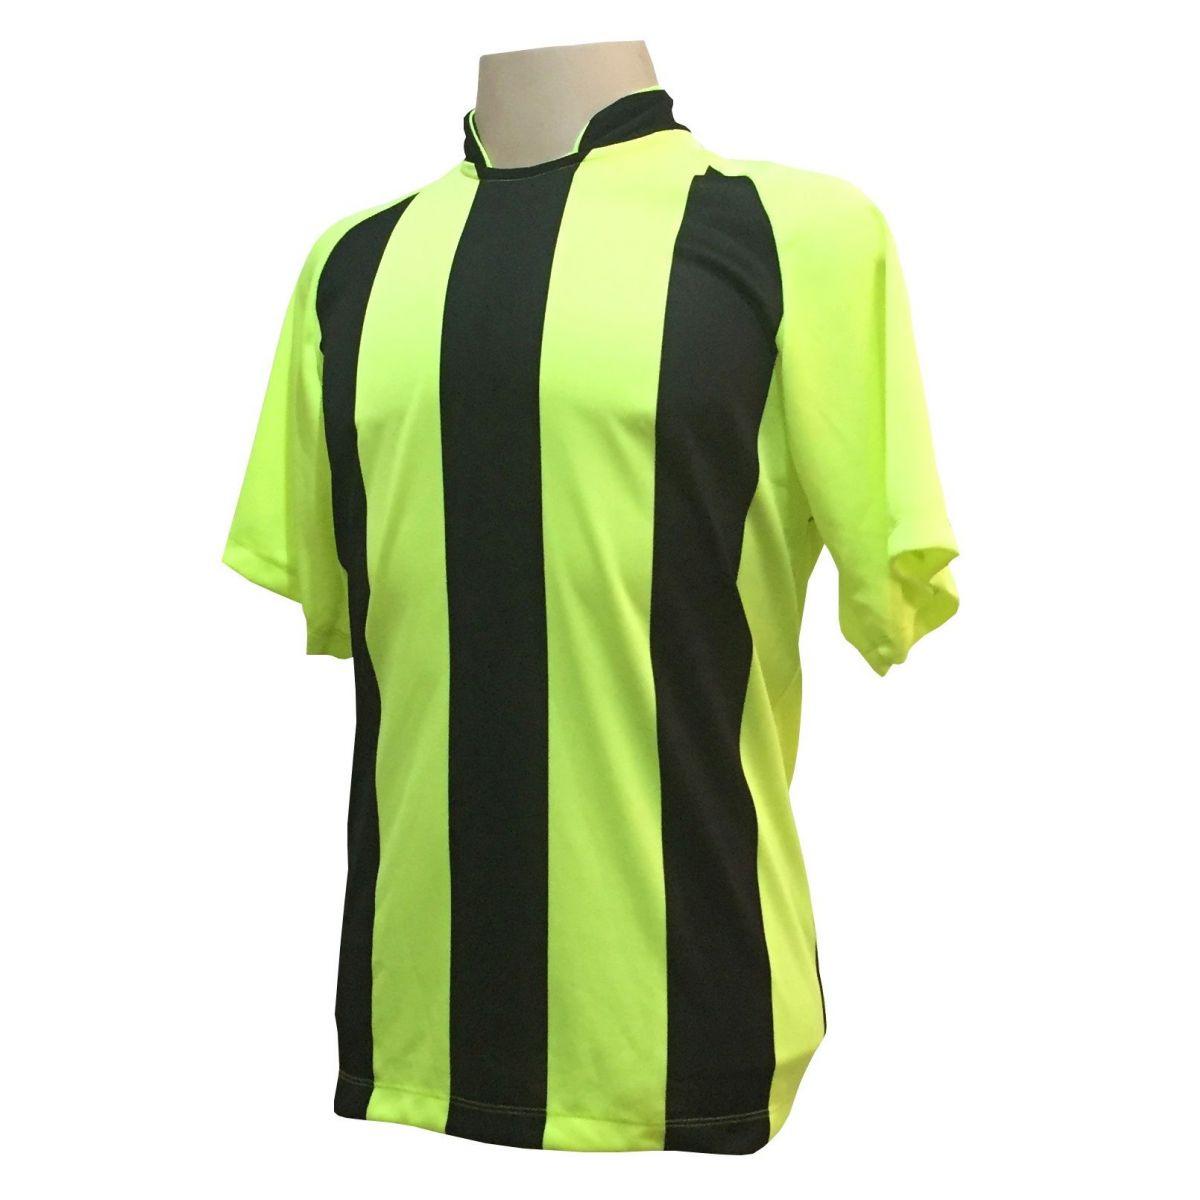 Uniforme Esportivo com 12 Camisas modelo Milan Limão/Preto + 12 Calções modelo Madrid Preto